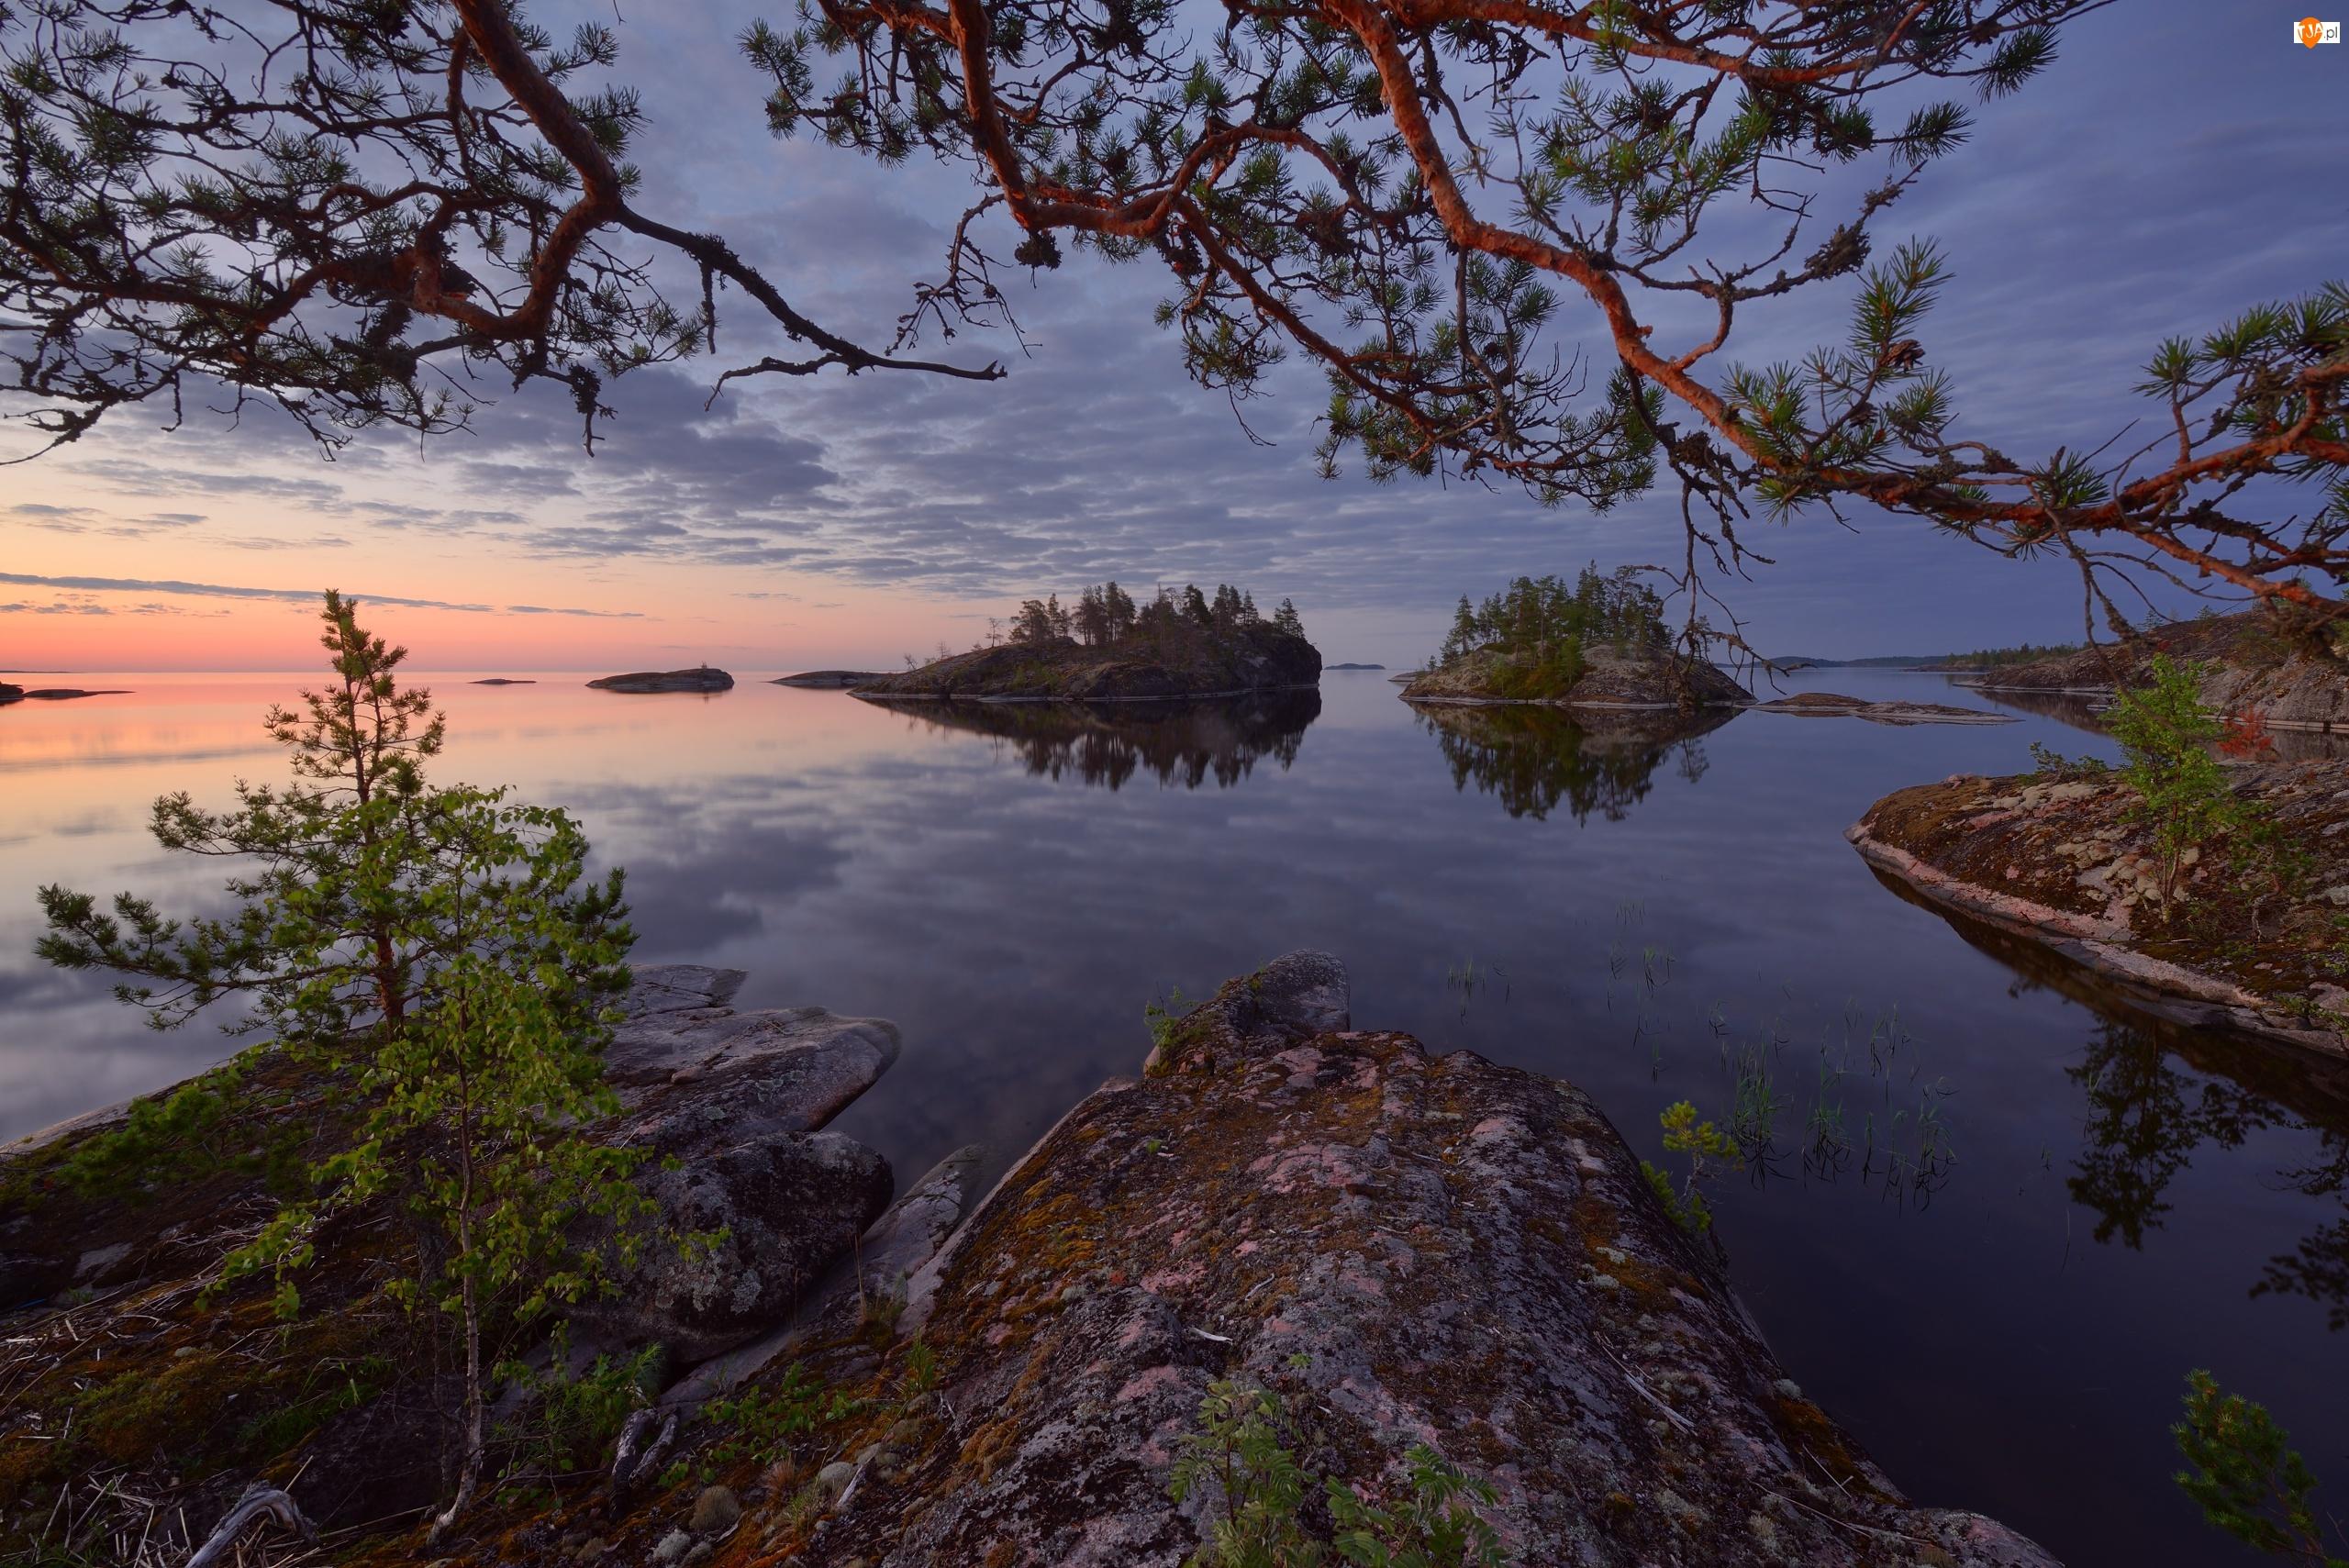 Karelia, Rosja, Wschód słońca, Jezioro Ładoga, Wysepki, Skały, Drzewa